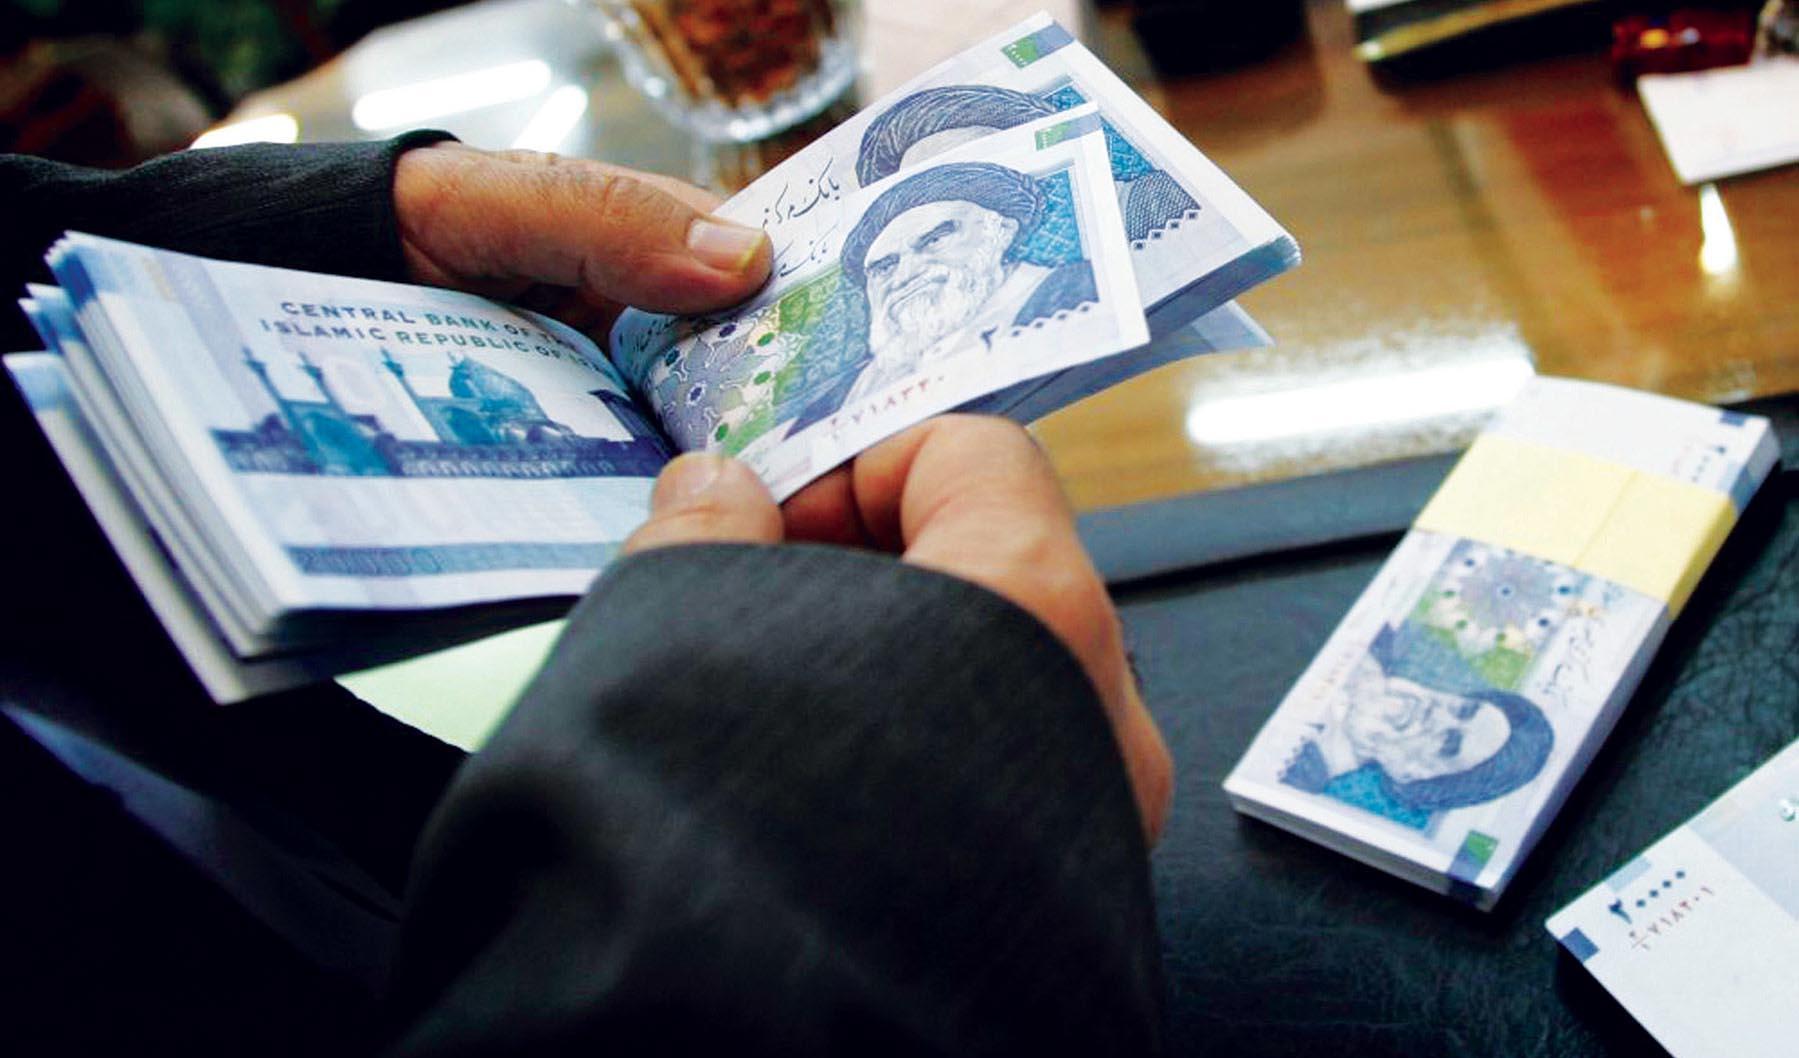 میانگین حقوق بازنشستگان ۴ میلیونی شد/ افزایش متوسط حقوق کارمندان به ۵.۴ میلیون تومان